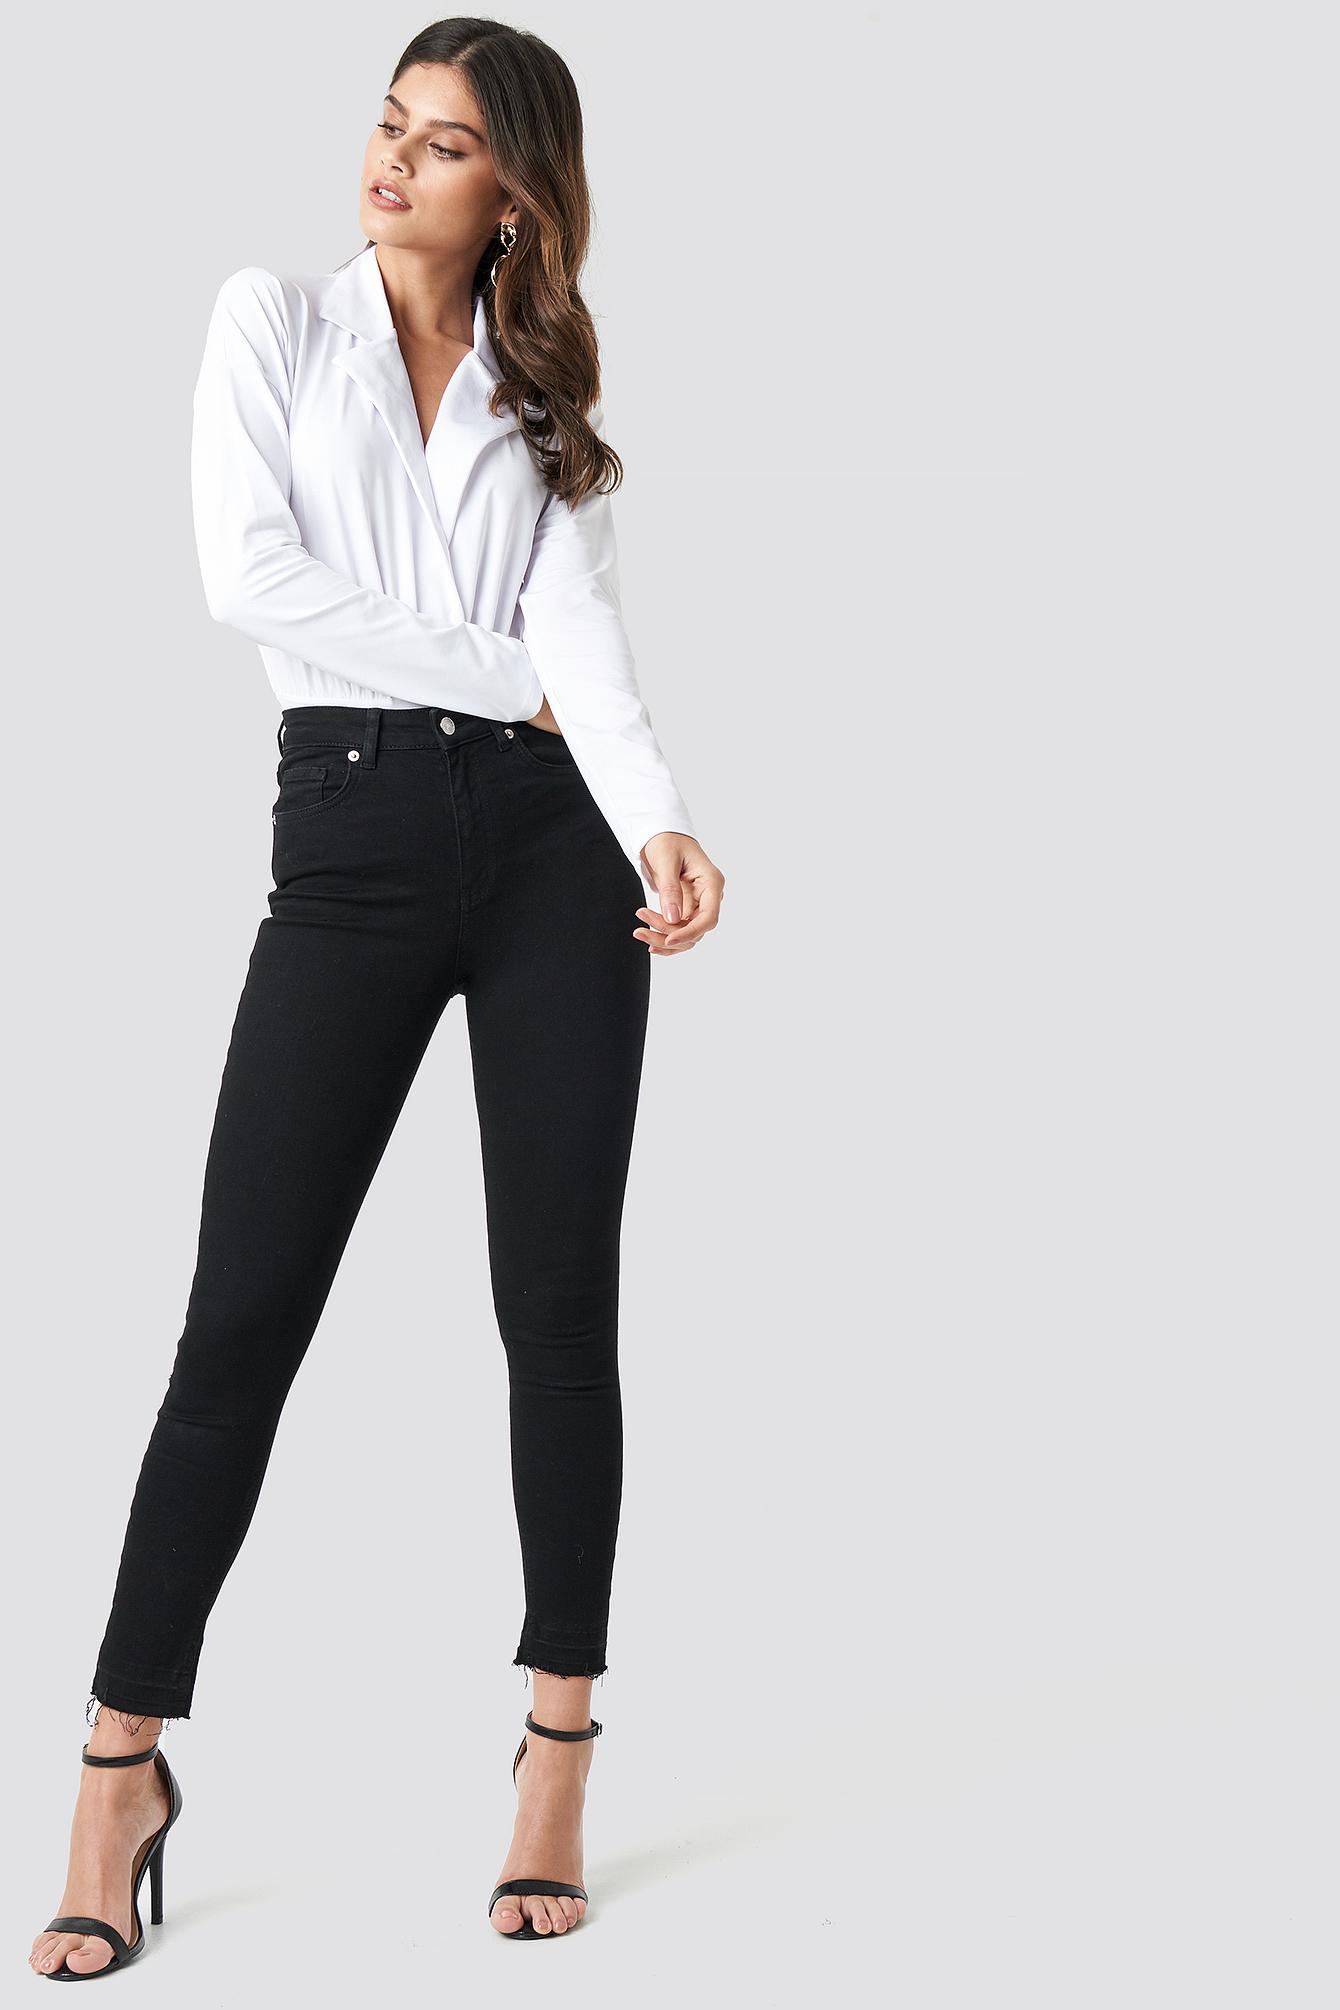 Overlap Long Sleeve Bodysuit NA-KD.COM